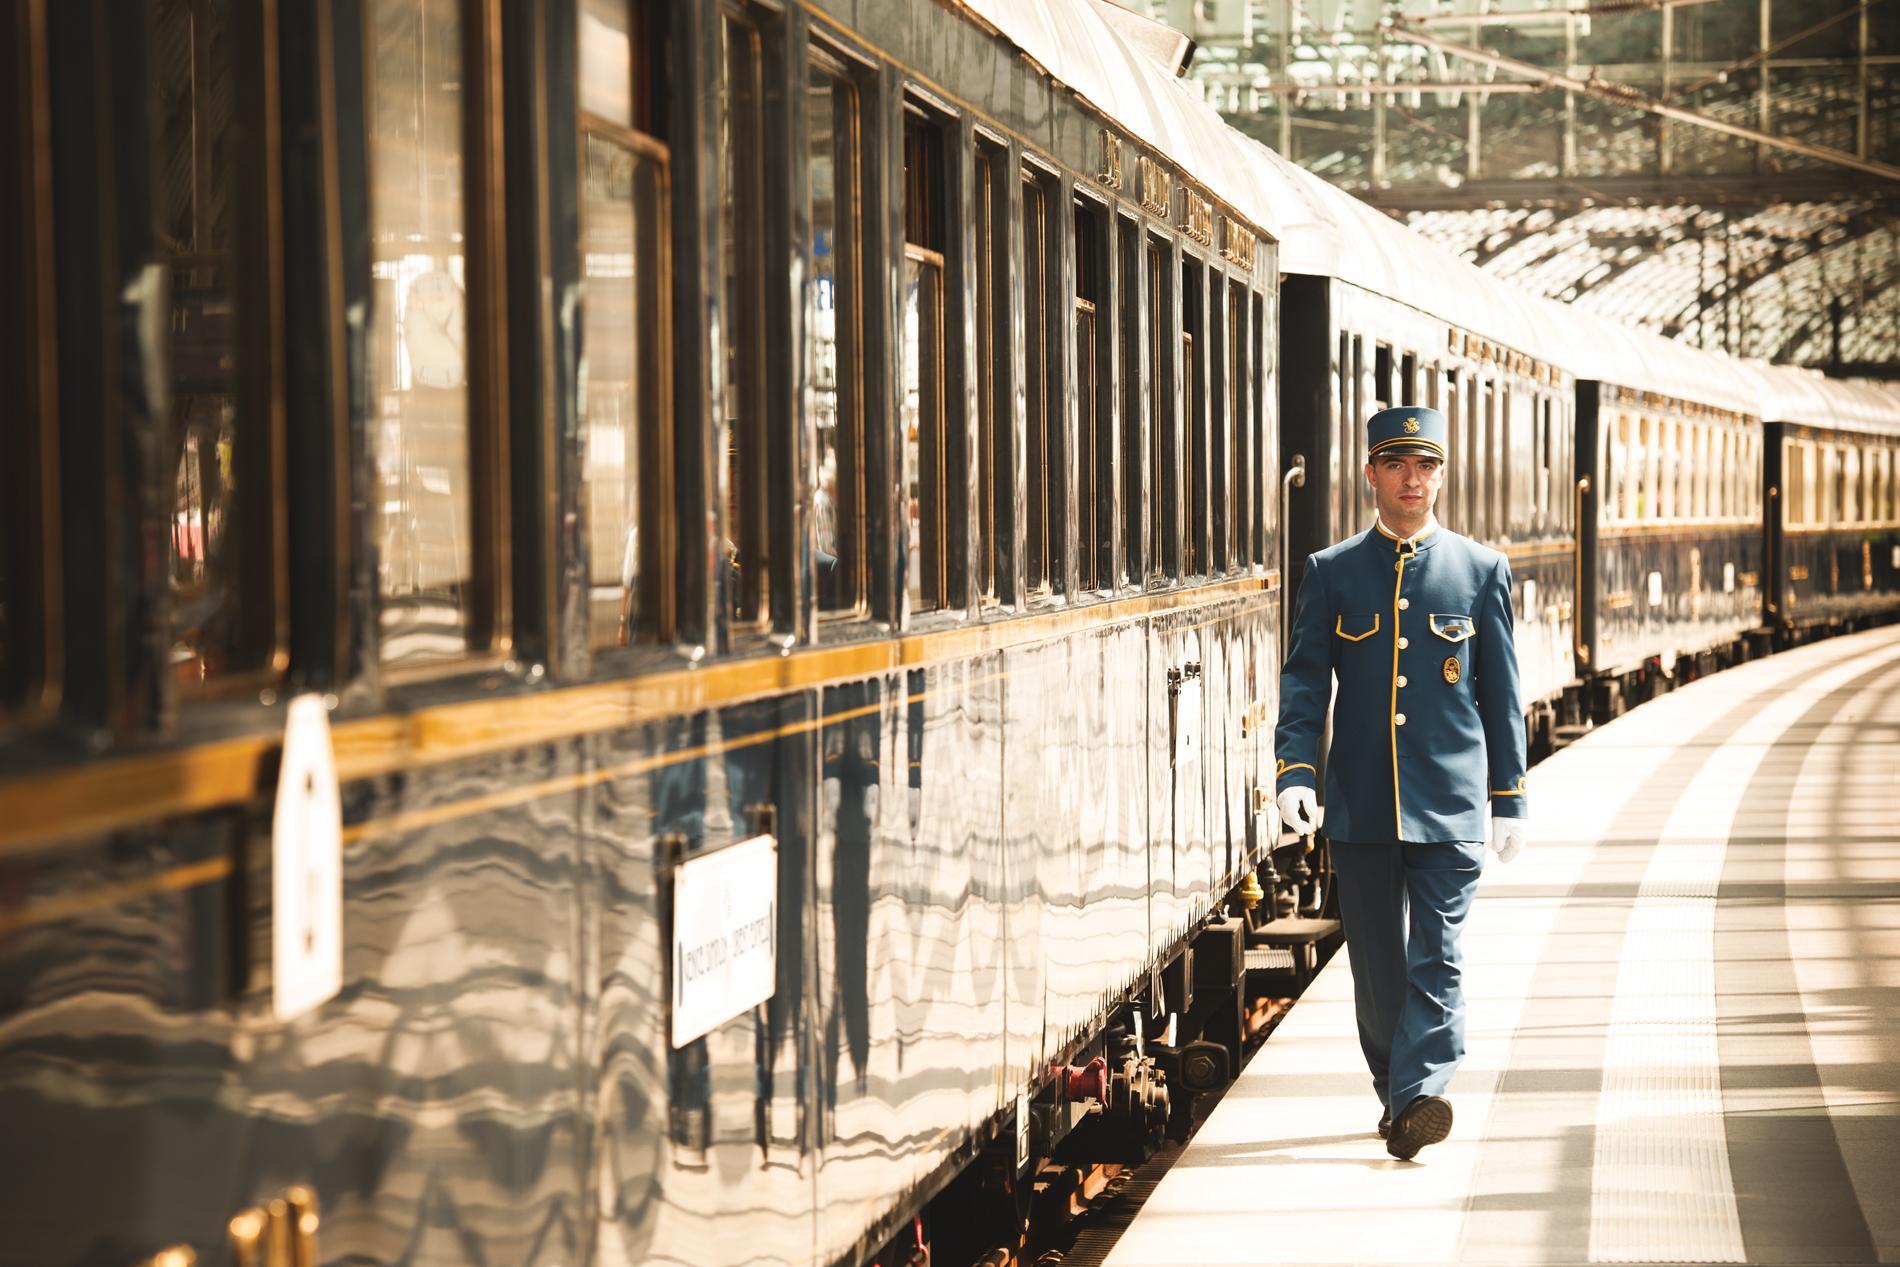 Comment retrouver une personne rencontrée dans le train ou le TGV ?